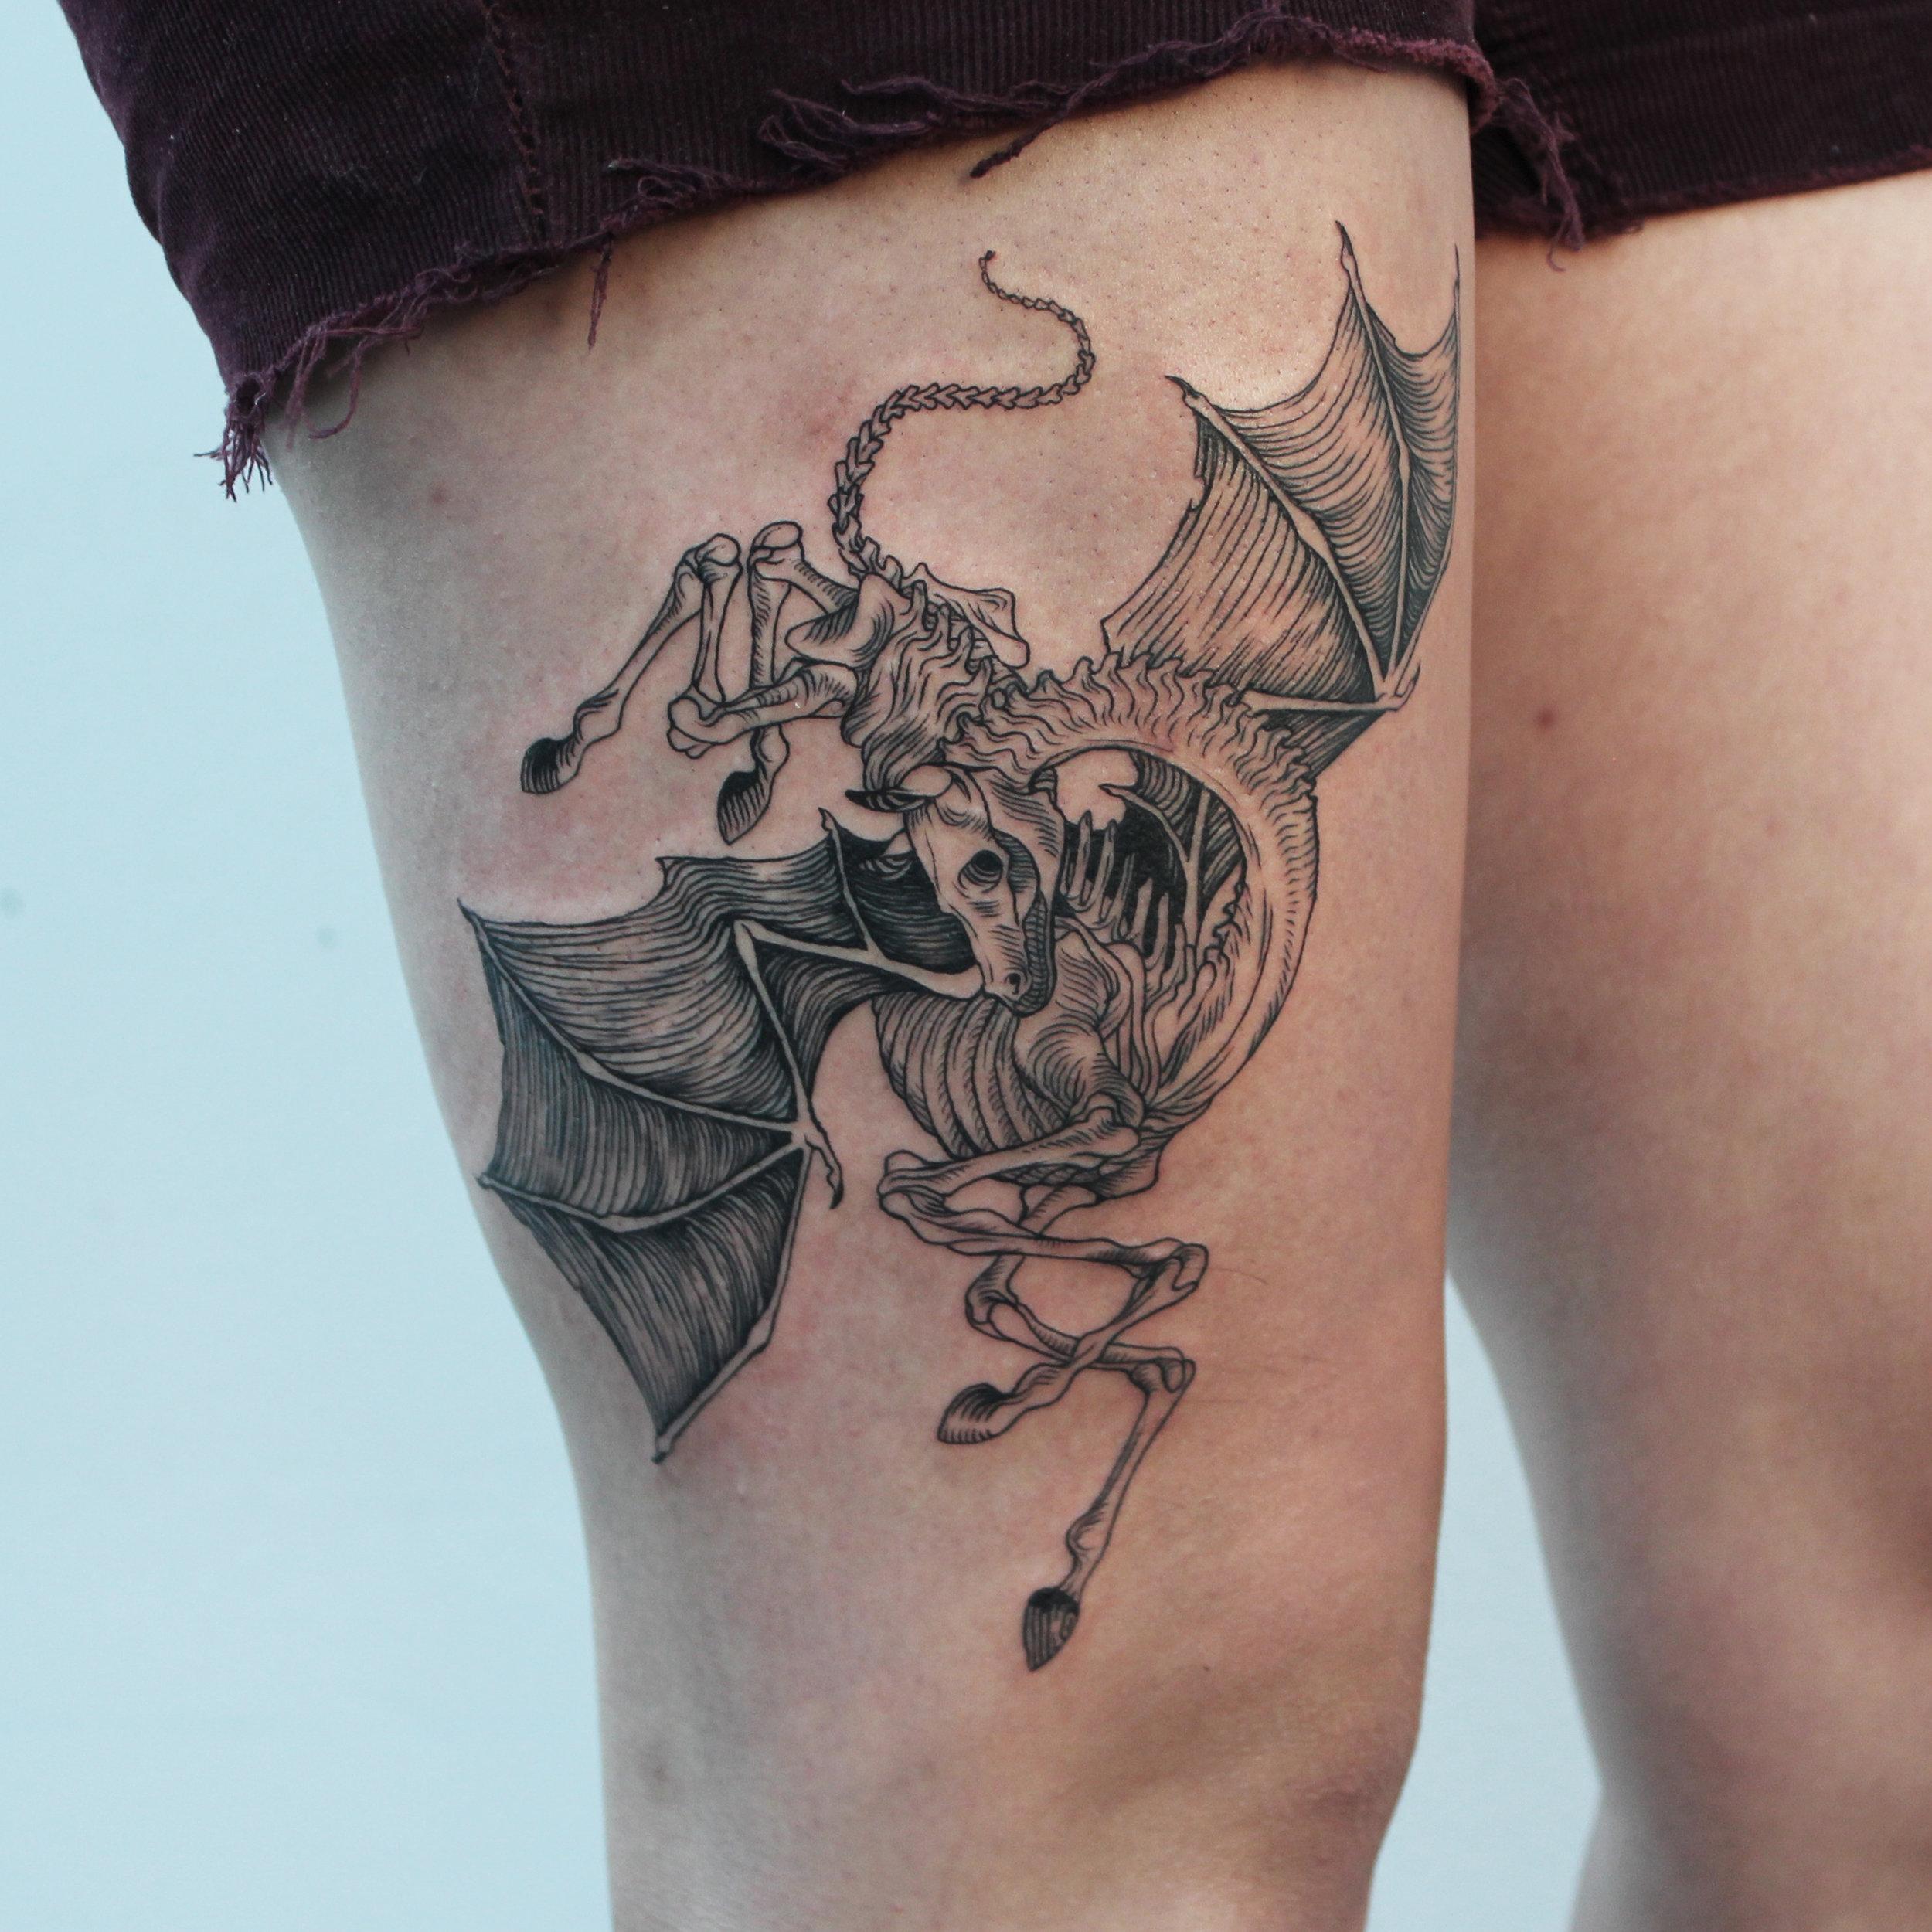 tattoo_thestral2.jpg